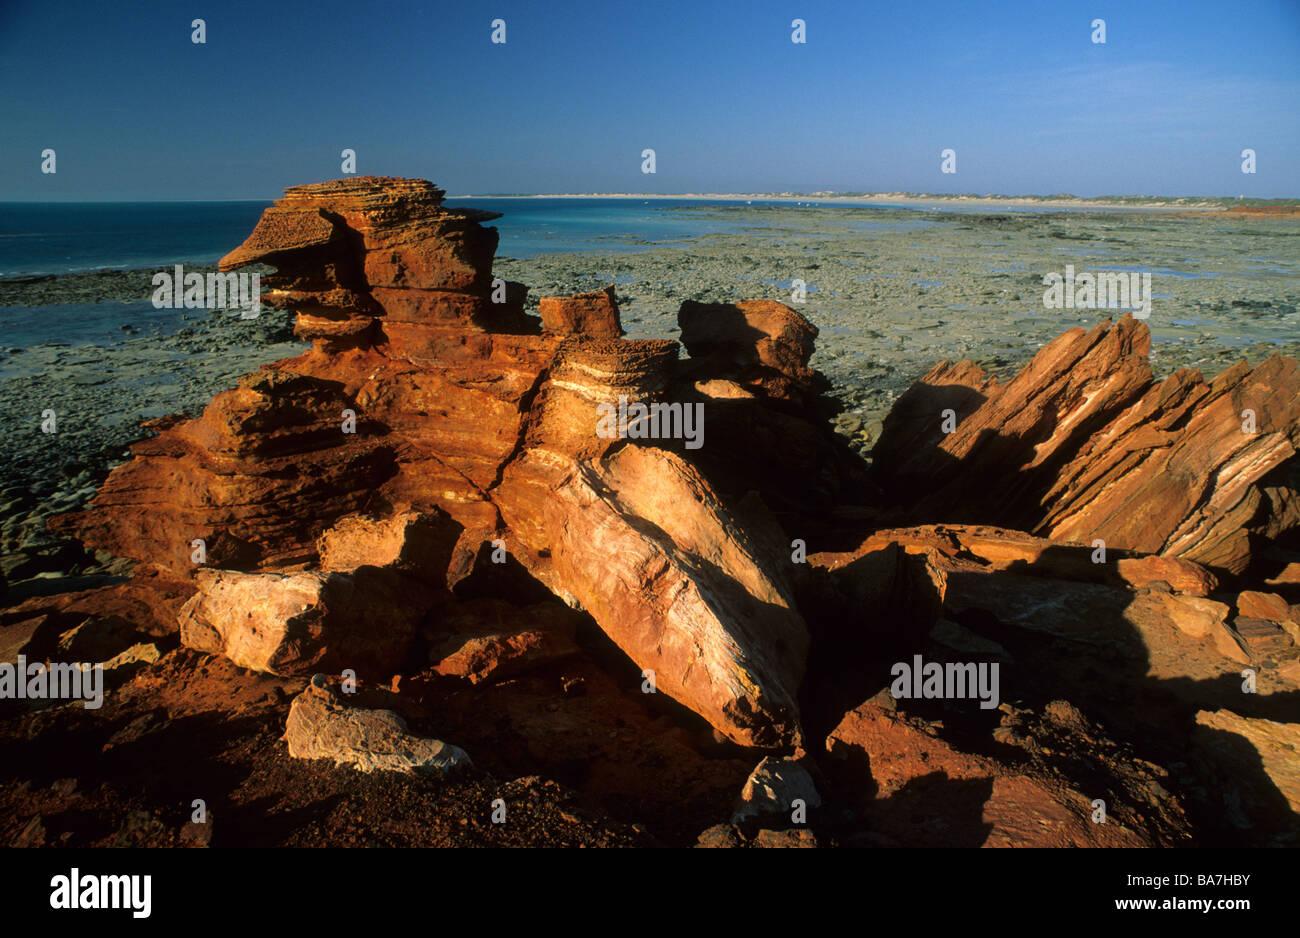 Les rochers à Gantheaume Point, Broome, Australie occidentale, Australie Banque D'Images